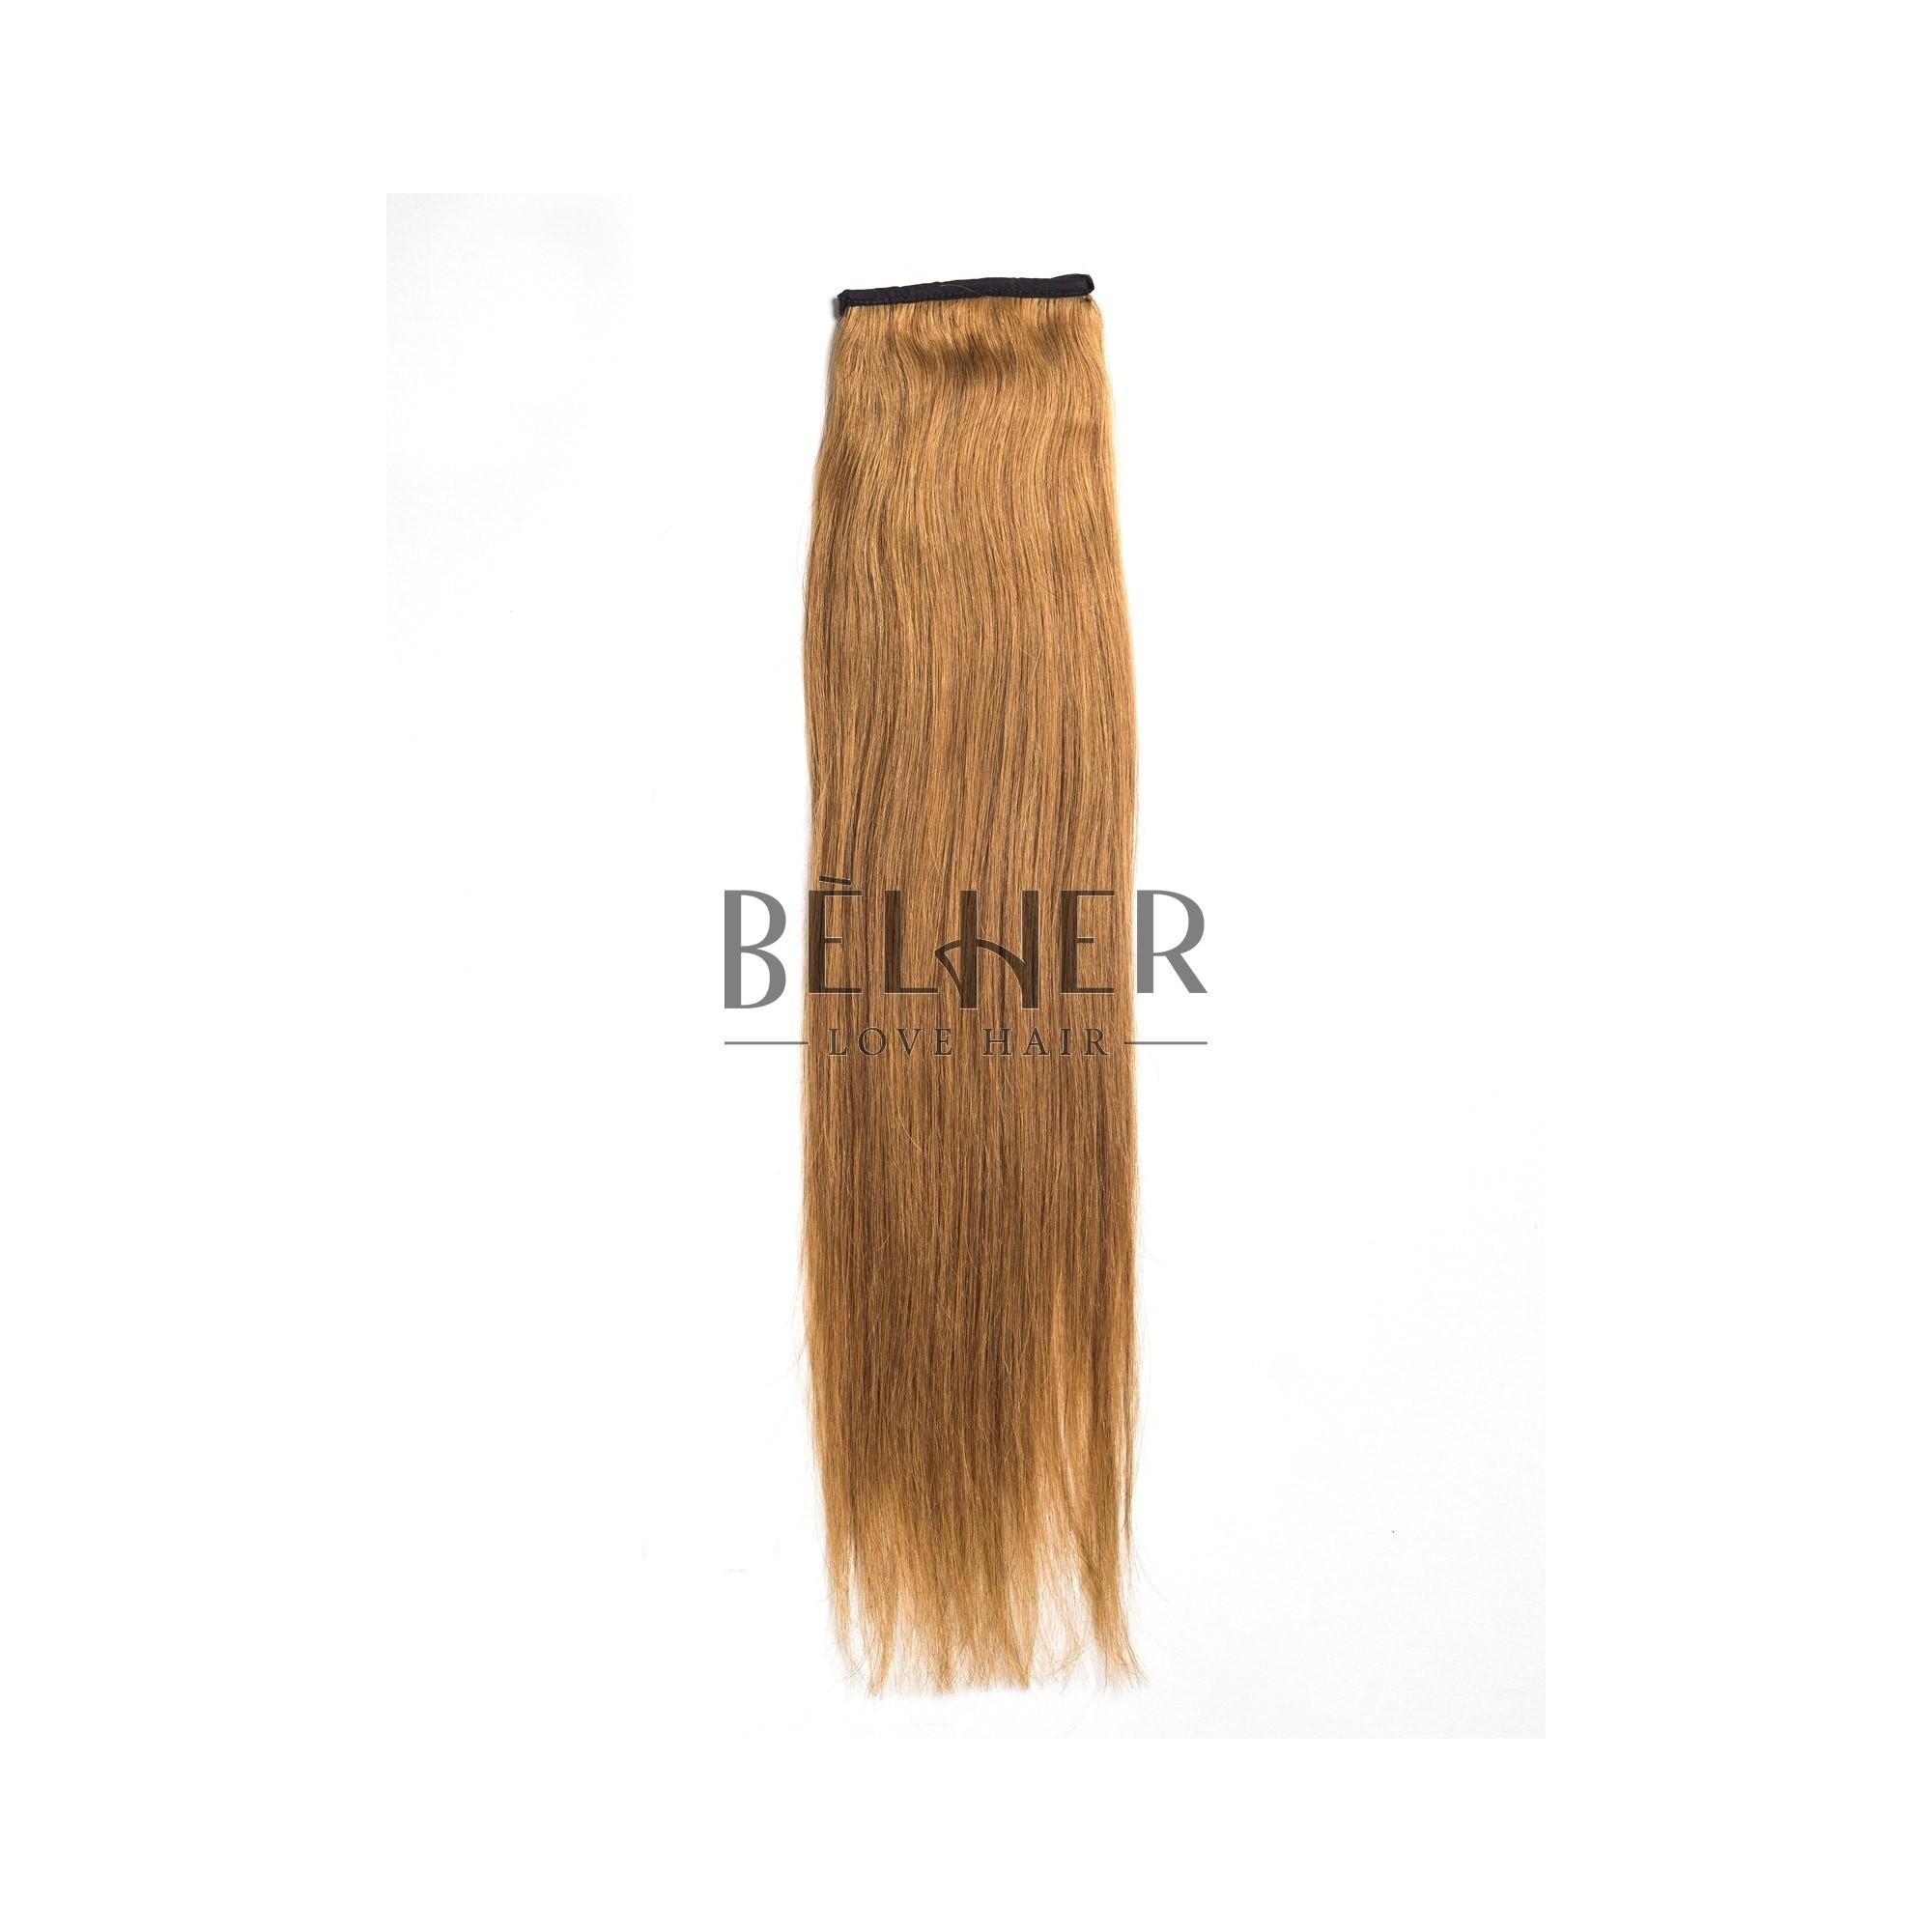 Coada Premium Blond Mediu